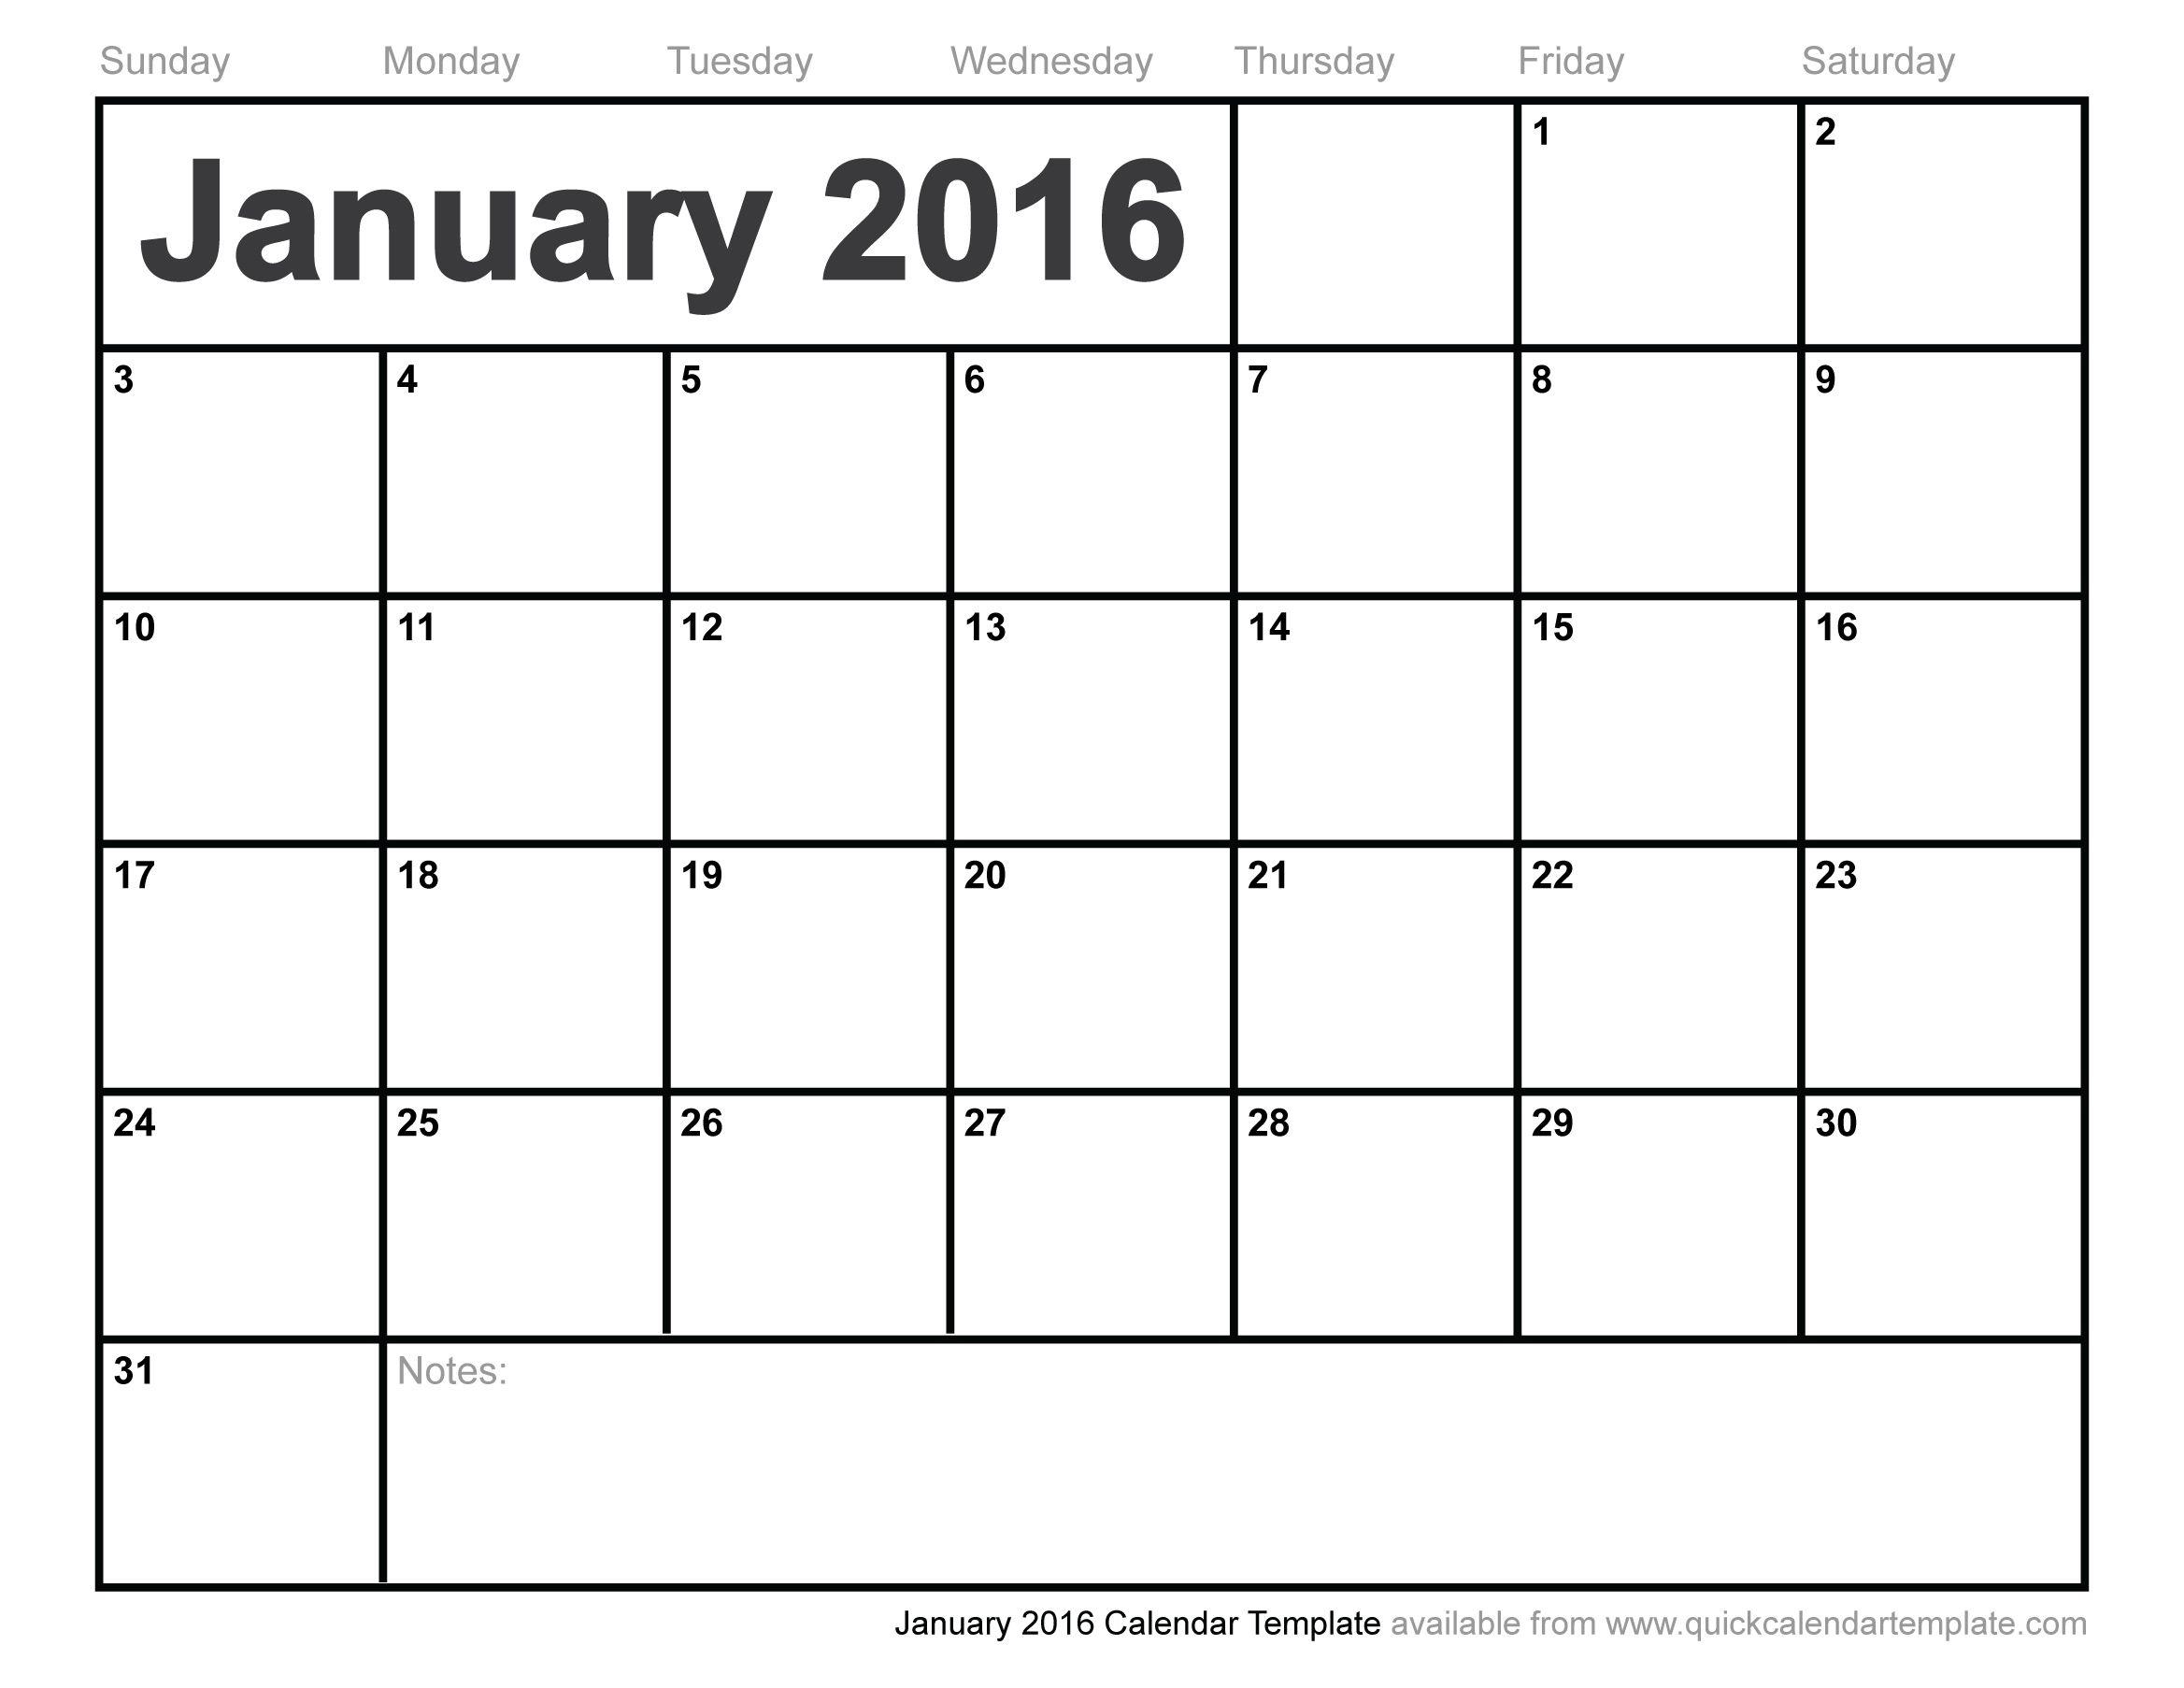 2016 calendar template excel, 2016 calendar template word